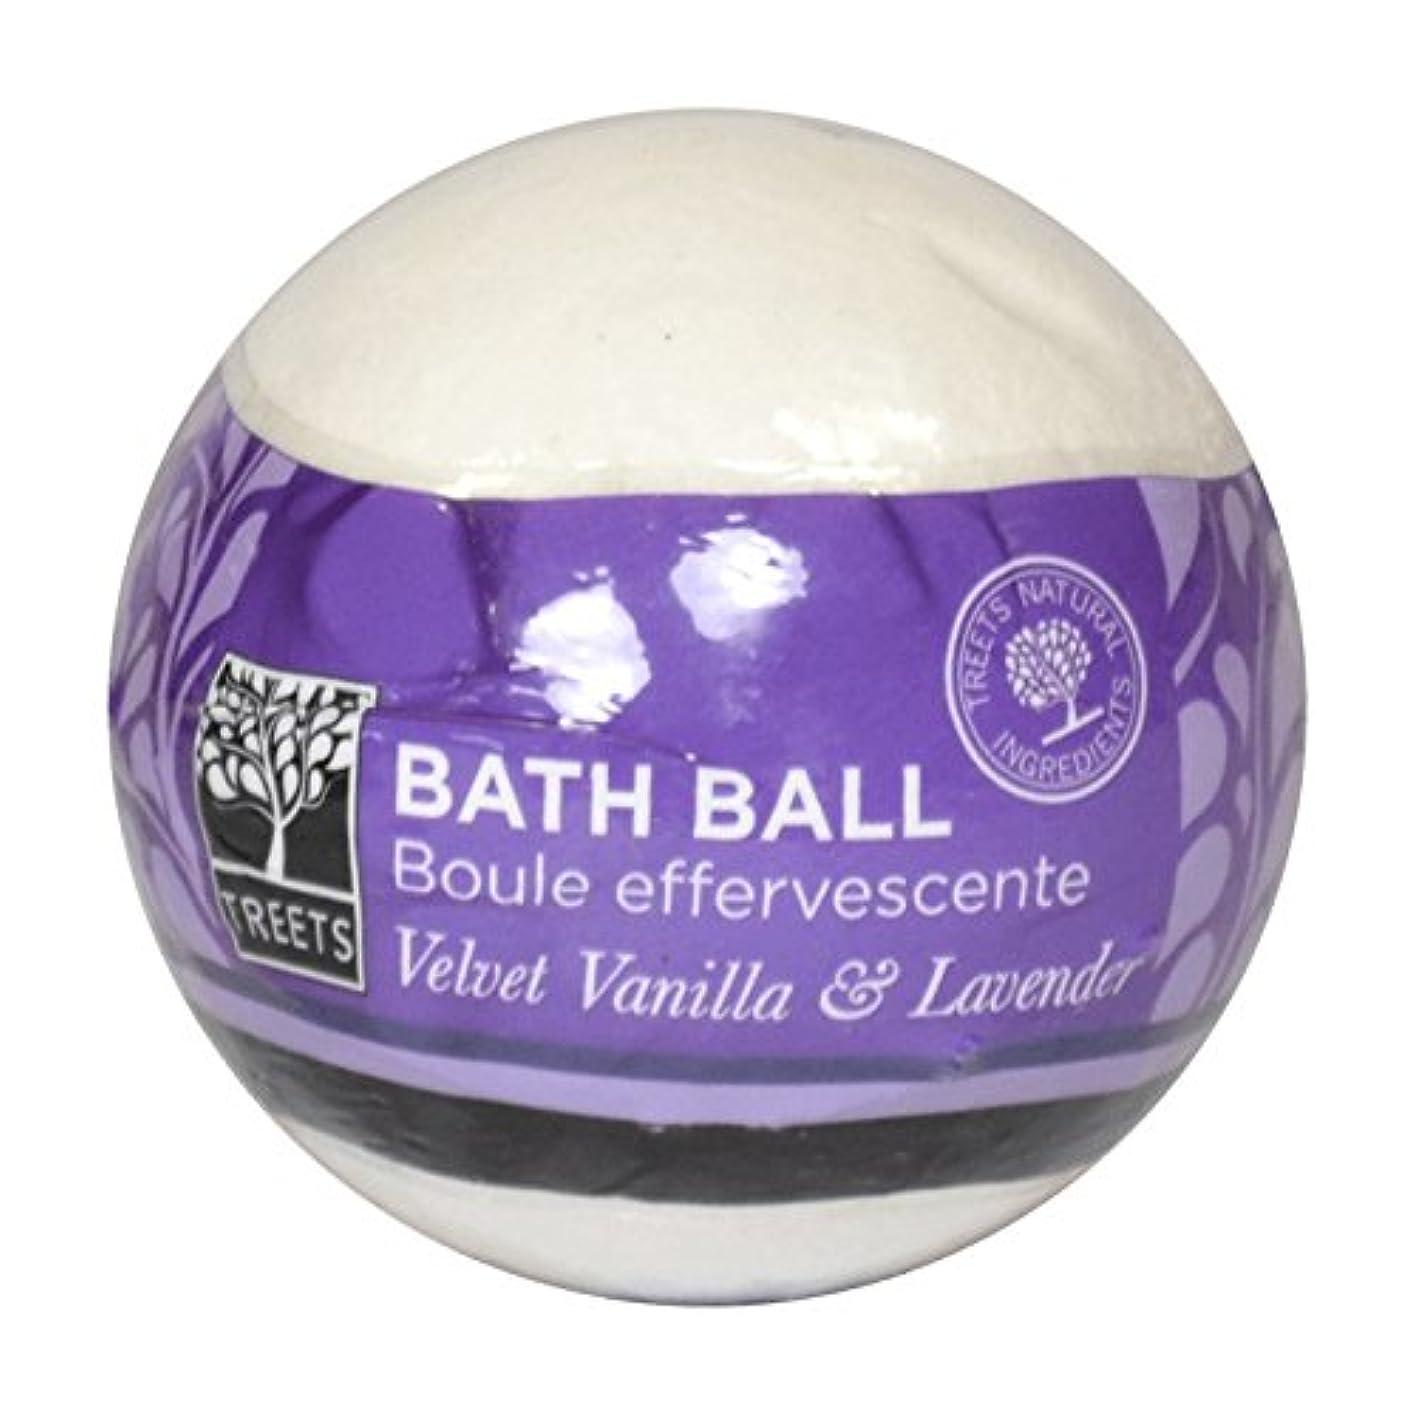 バイパス無人キッチンTreetsベルベットのバニラ&ラベンダーバスボール - Treets Velvet Vanilla & Lavender Bath Ball (Treets) [並行輸入品]